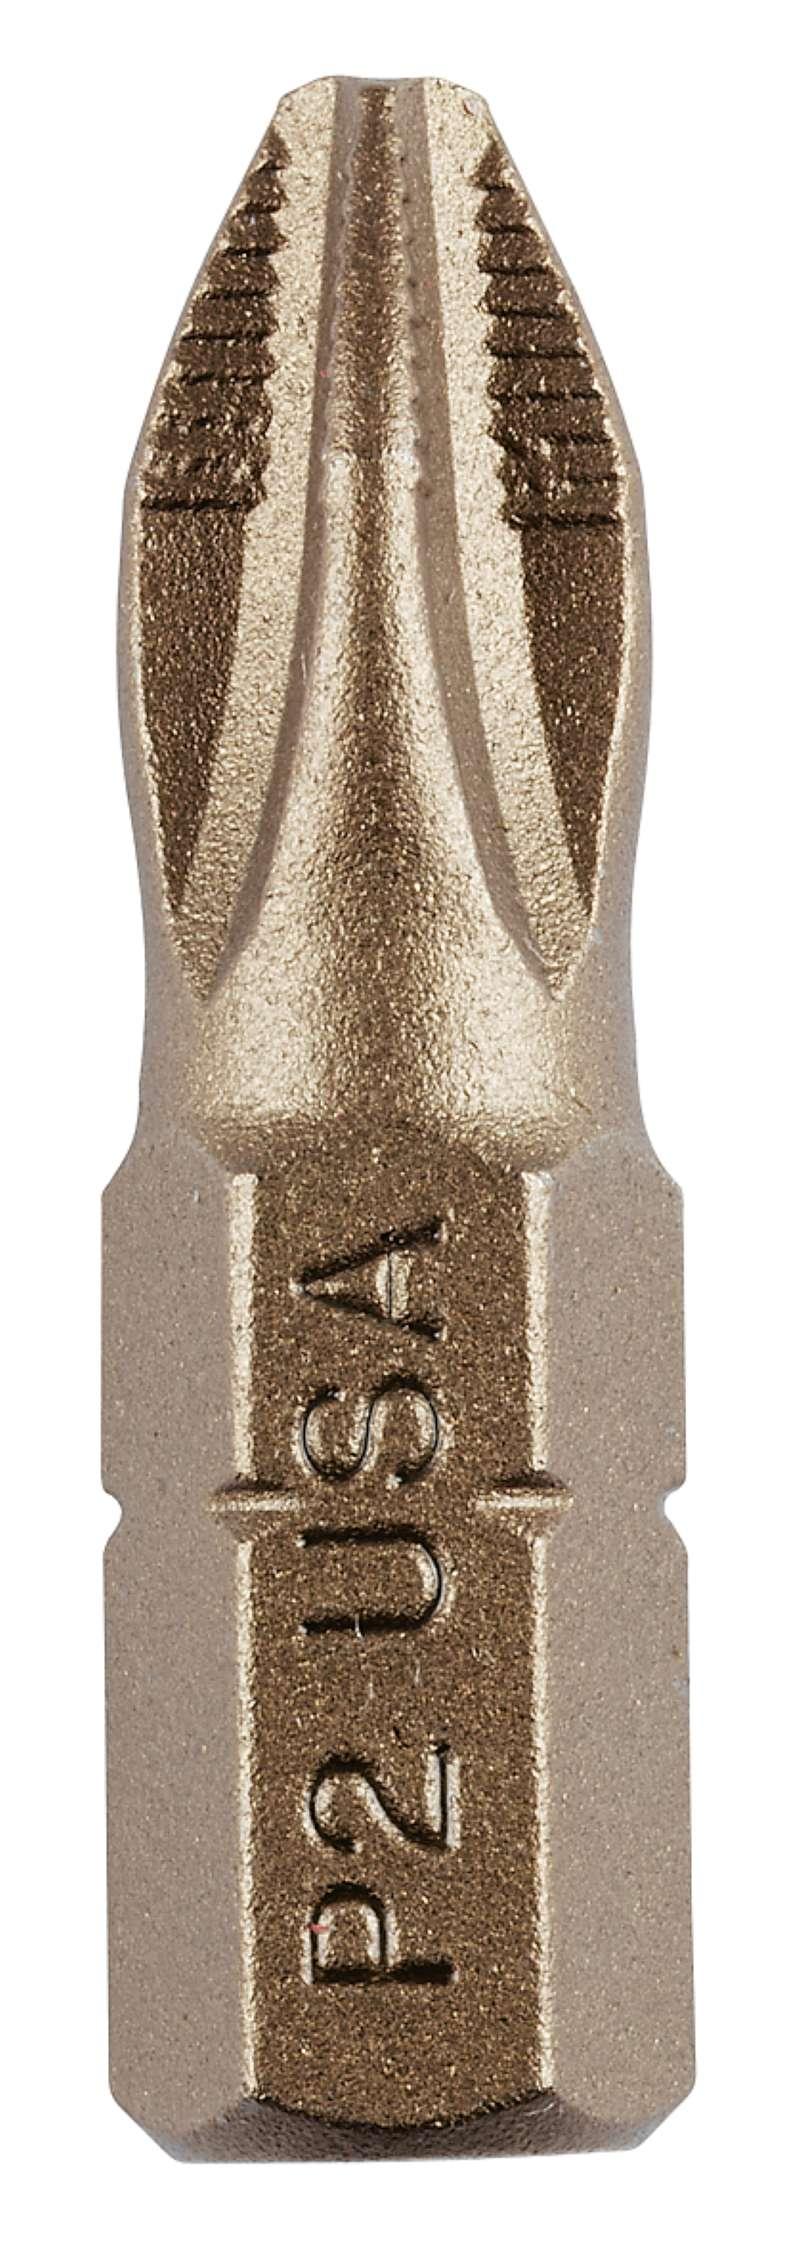 Бита Kwb 1042-02 нож ganzo g620b 2 черный с травлением